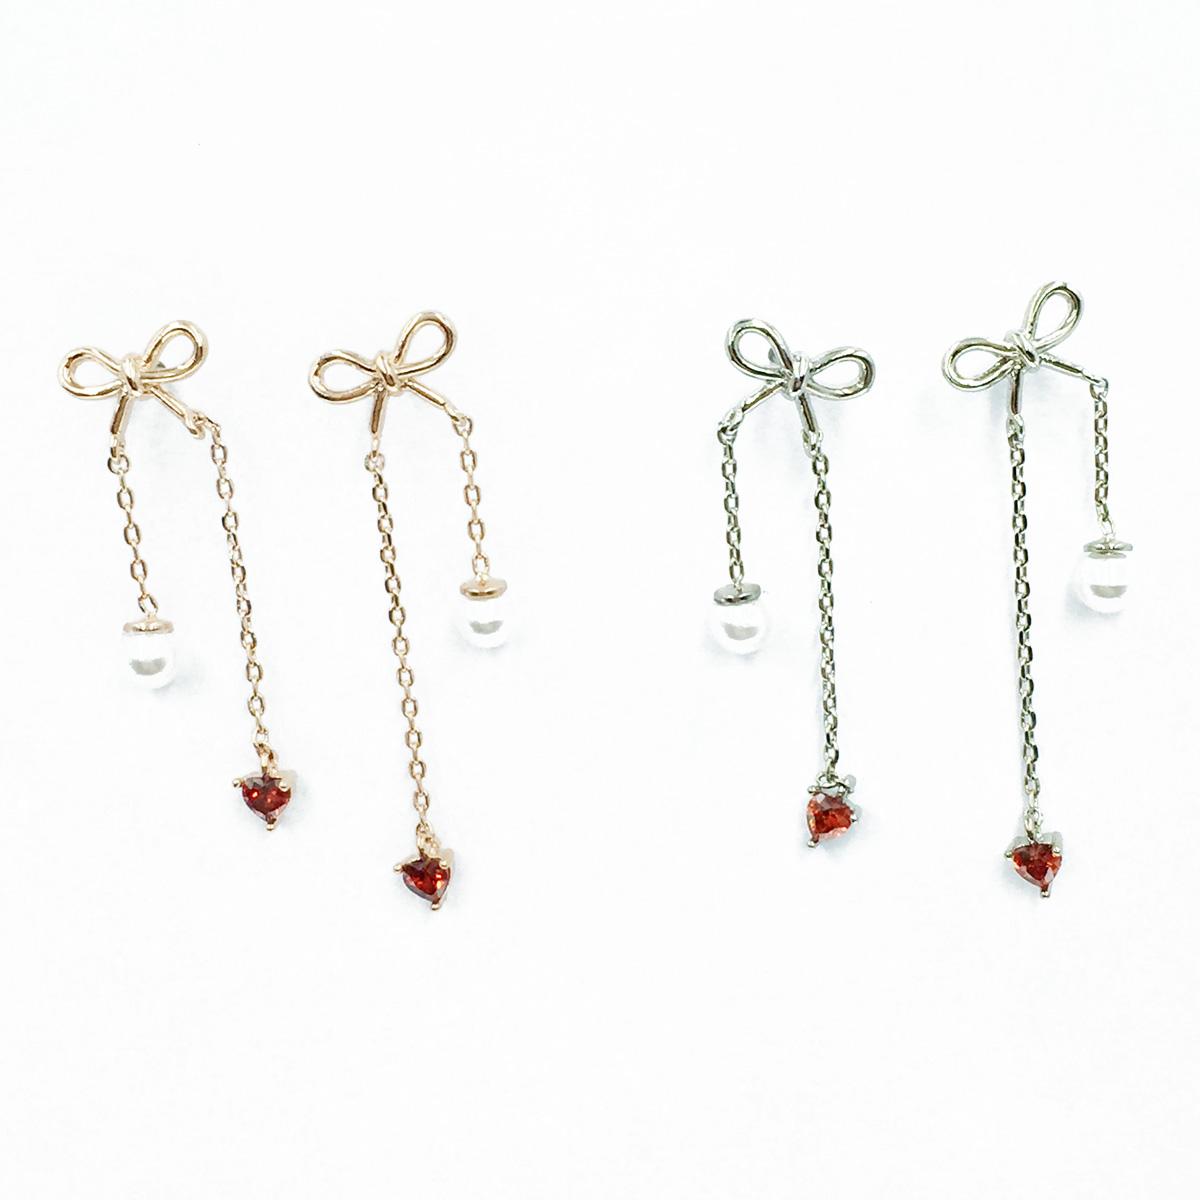 韓國 925純銀 蝴蝶結 愛心水鑽 珍珠 2色 垂墜感 耳針式耳環